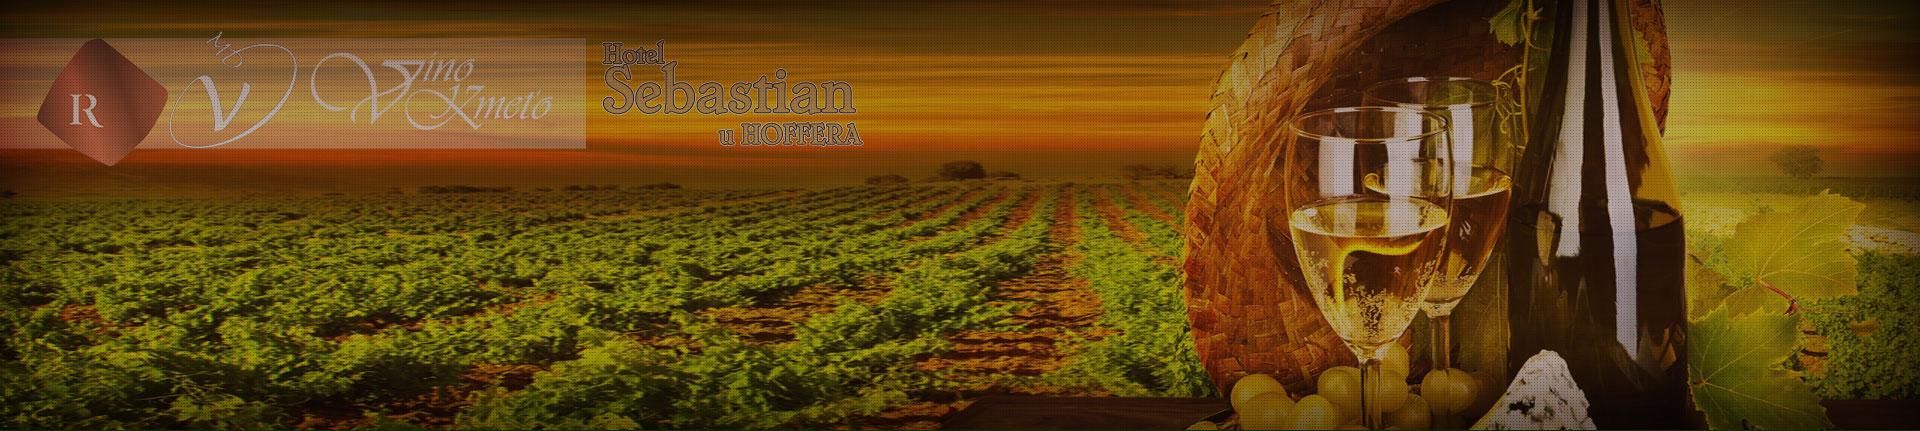 Modranské vína